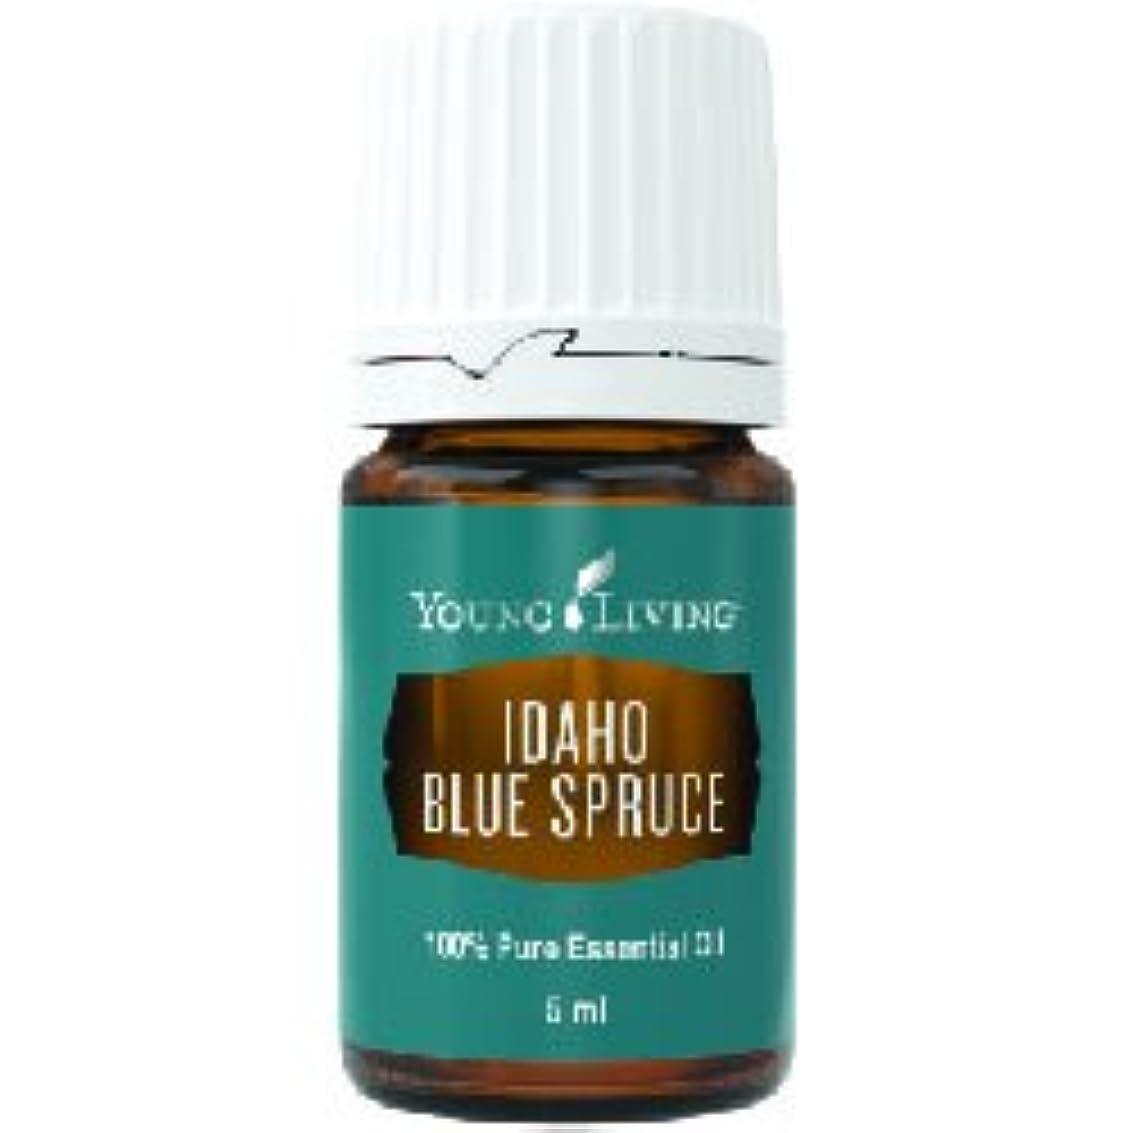 国家ティーンエイジャーフェリーアイダホブルースプルースエッセンシャルオイル5ml by Young Livingエッセンシャルオイルマレーシア Idaho Blue Spruce Essential Oil 5ml by Young Living Essential...